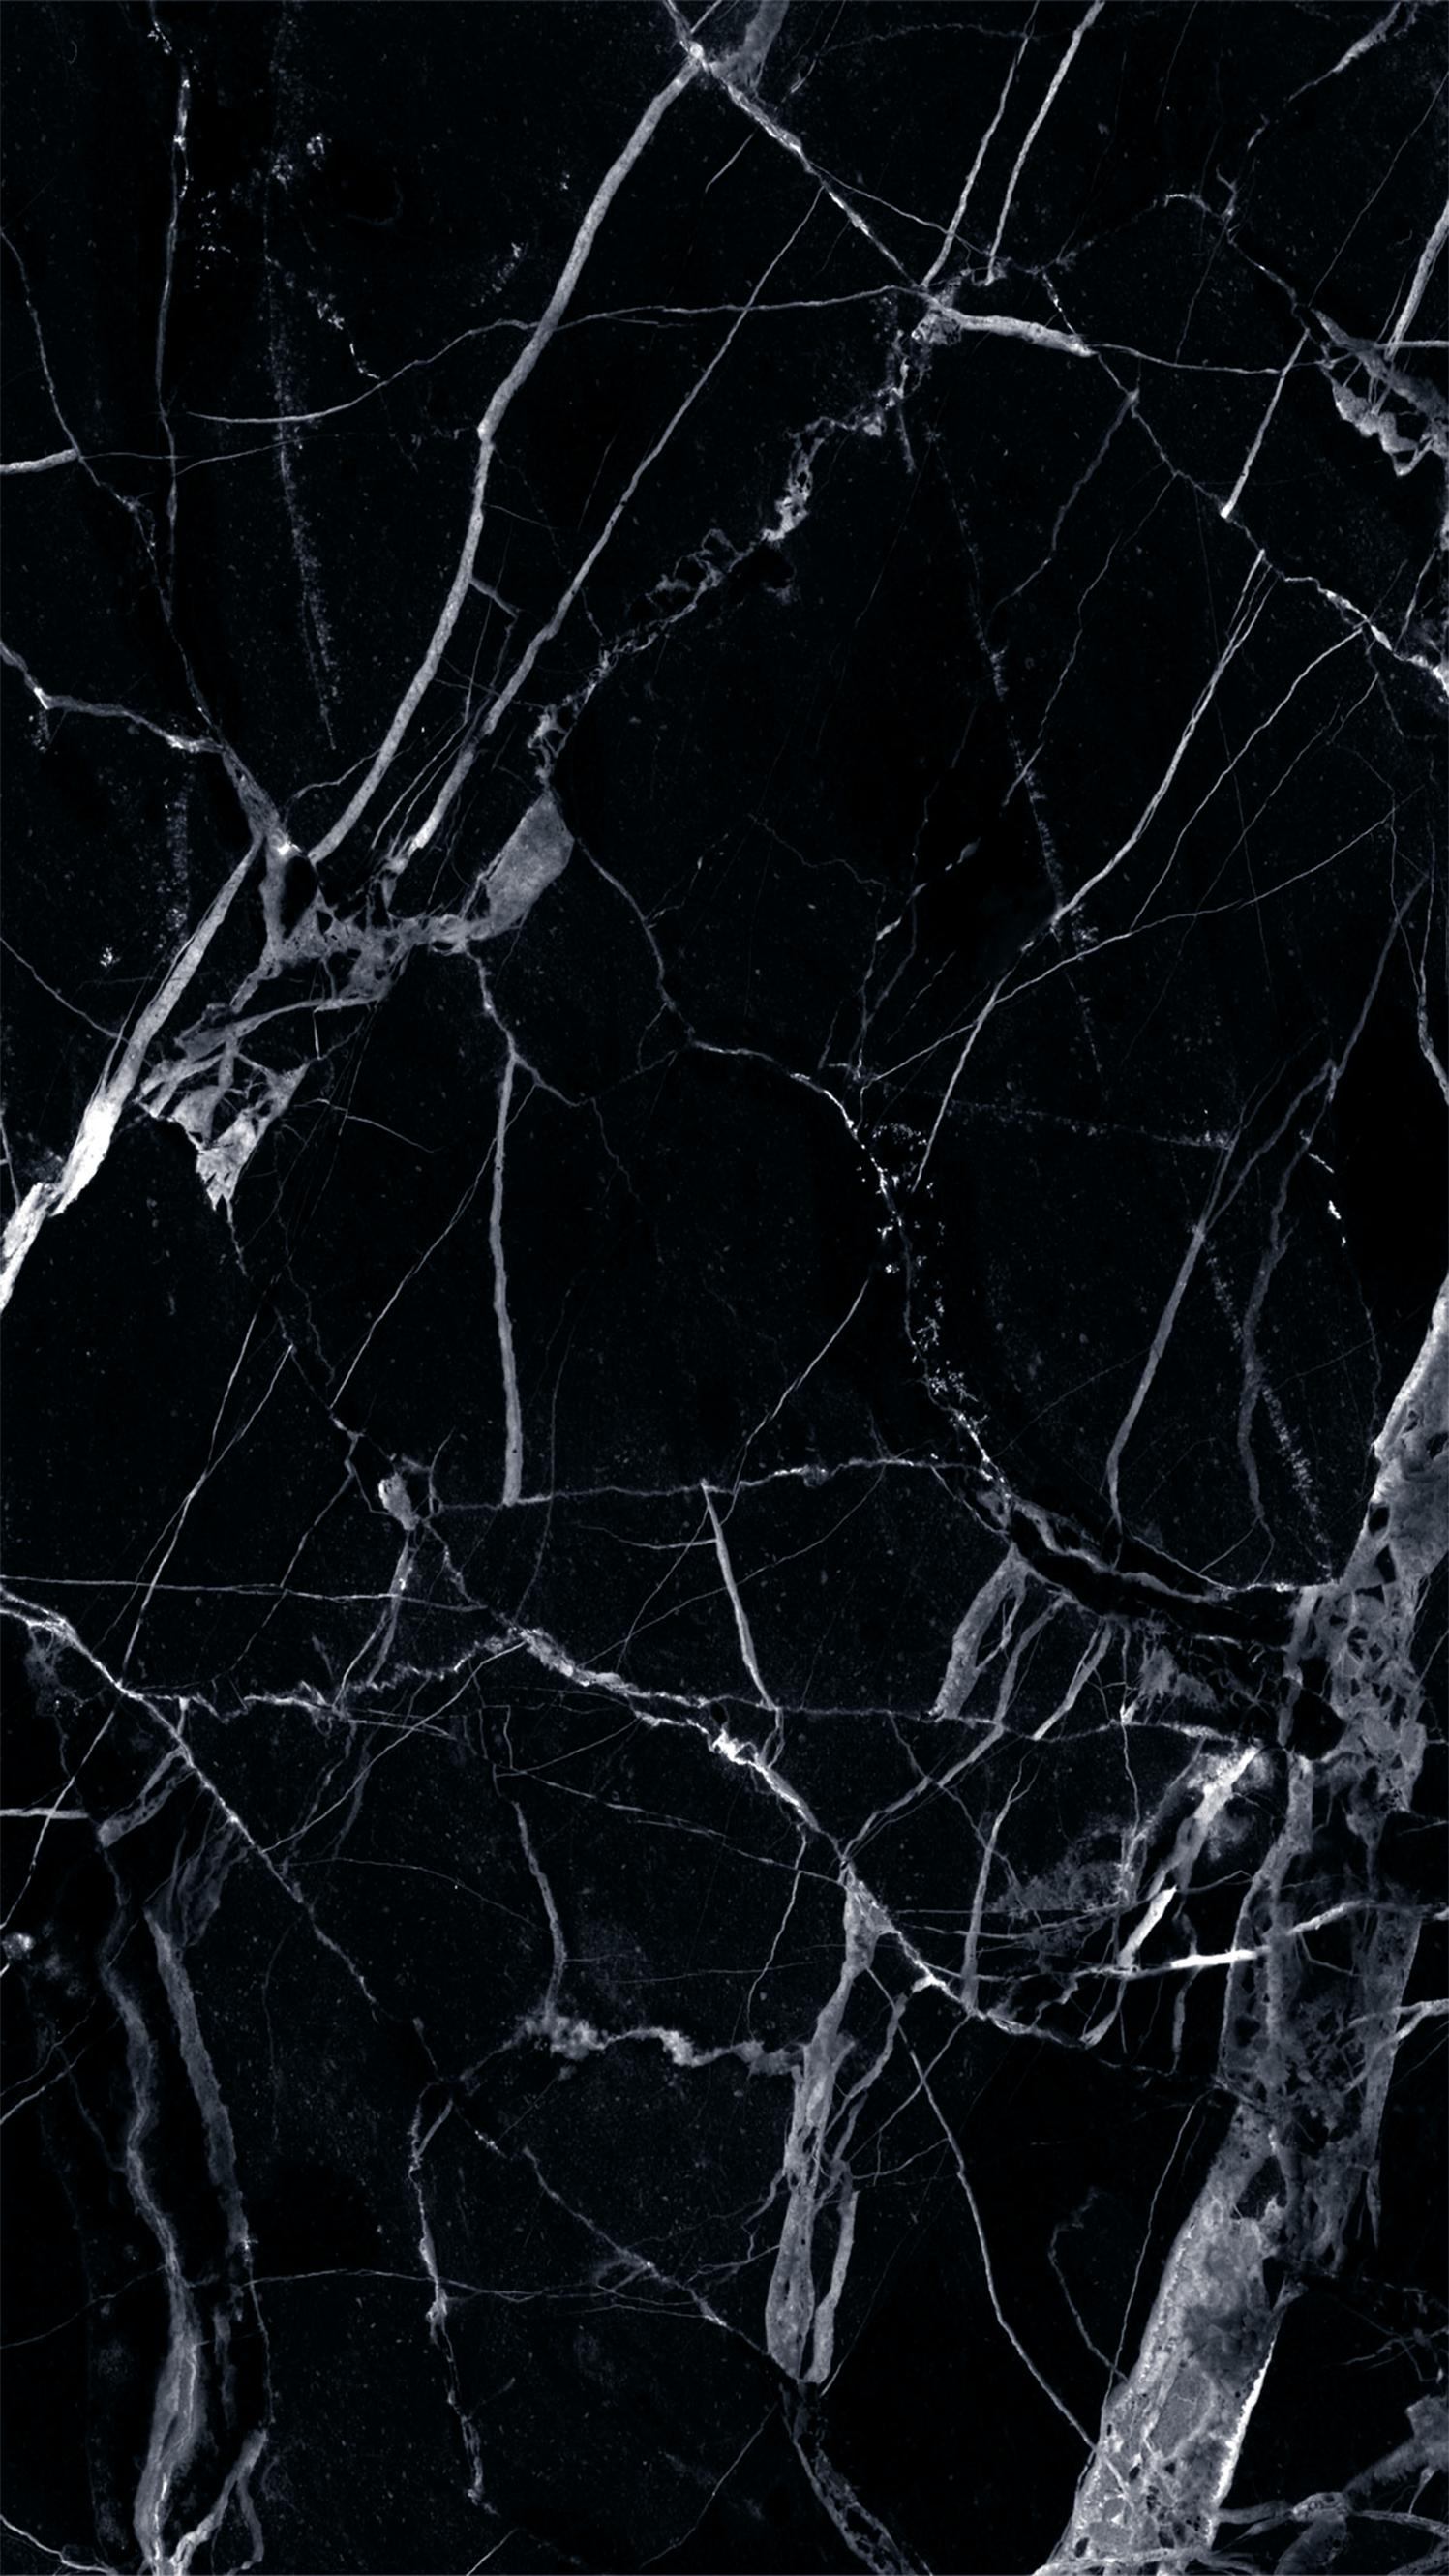 黒大理石の壁紙のhd ひびの入った画面の壁紙 1497x2662 Wallpapertip